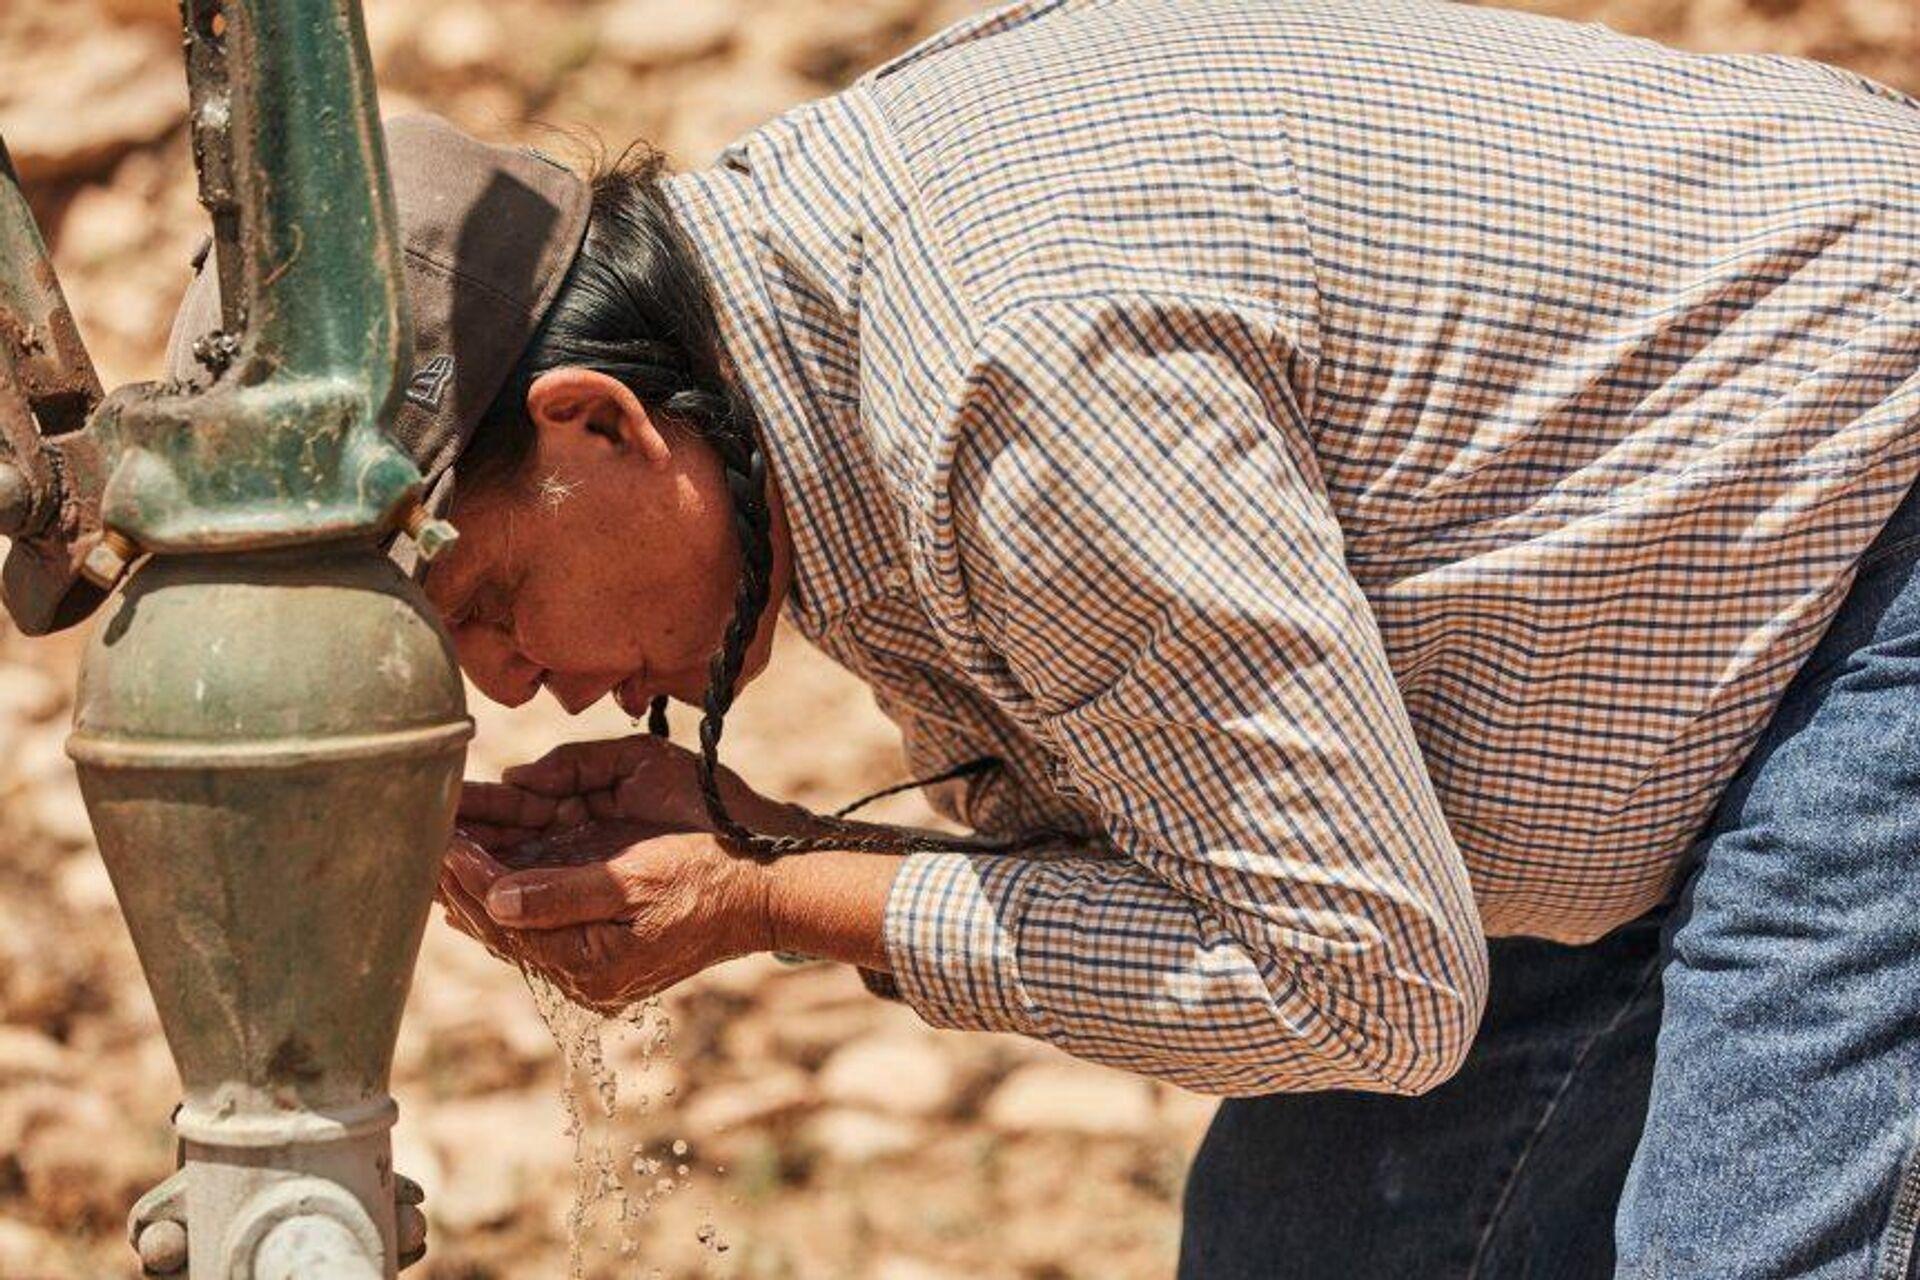 A Navajo man drinks from a water pump - Sputnik International, 1920, 27.09.2021